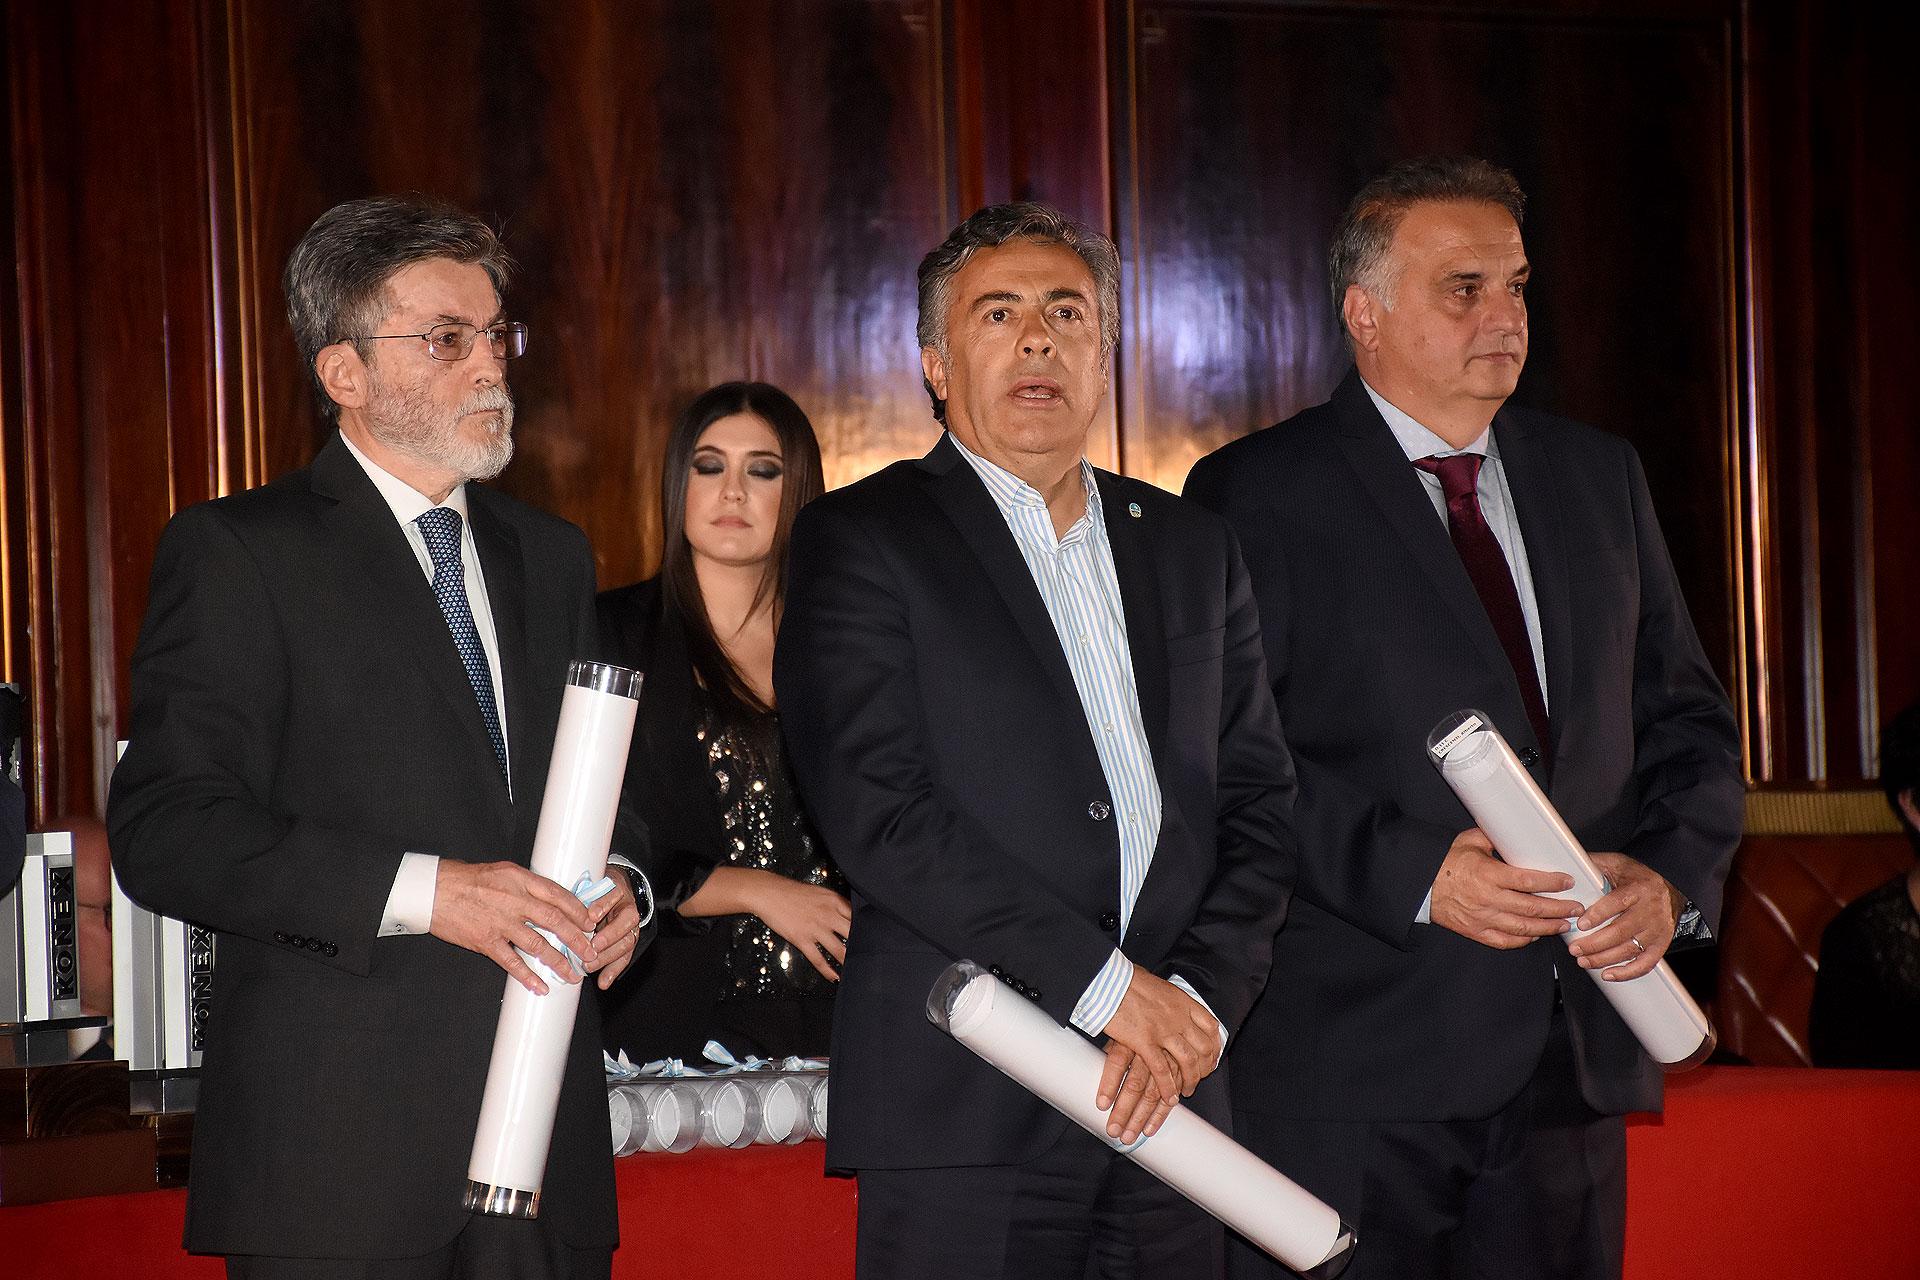 El ex titular de la AFIP; Alberto Abad; el gobernador de Mendoza, Alfredo Cornejo, y el titular del Sistema de Atención Médica de Emergencias (SAME), Alberto Crescenti